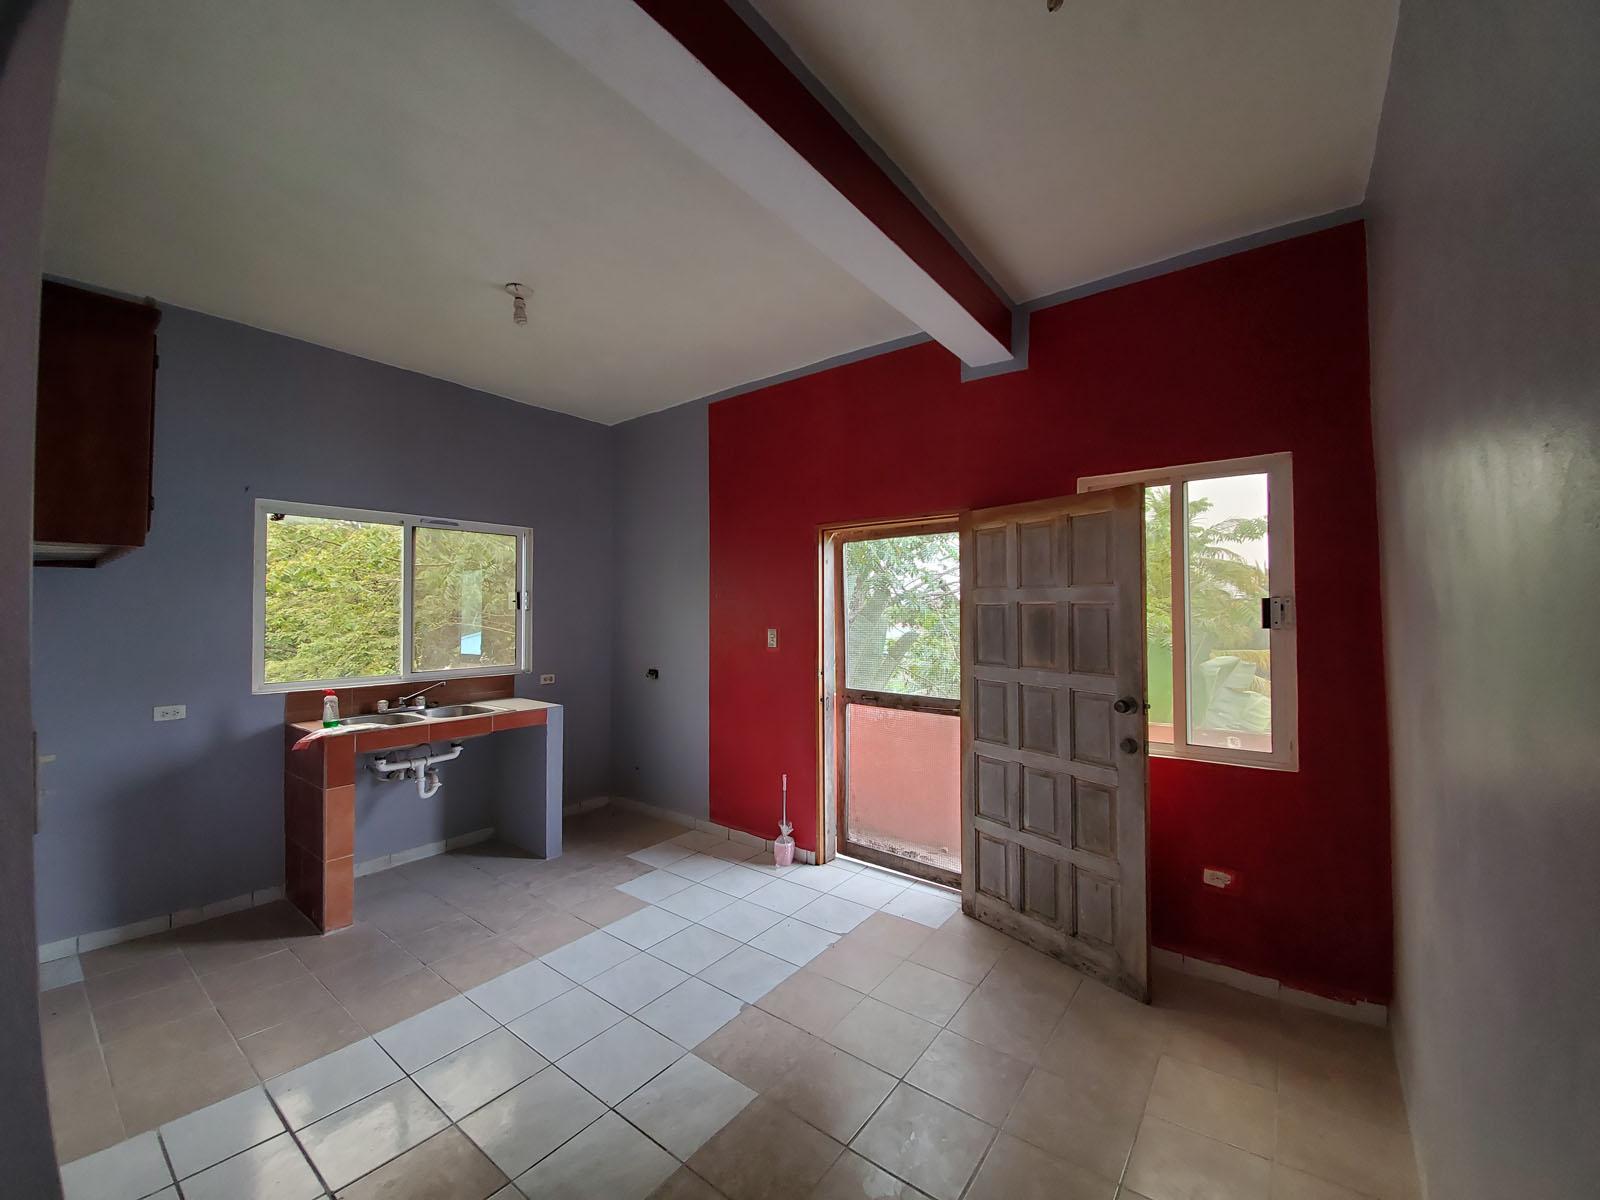 3 Bedroom Upper Flat for Rent in Belmopan